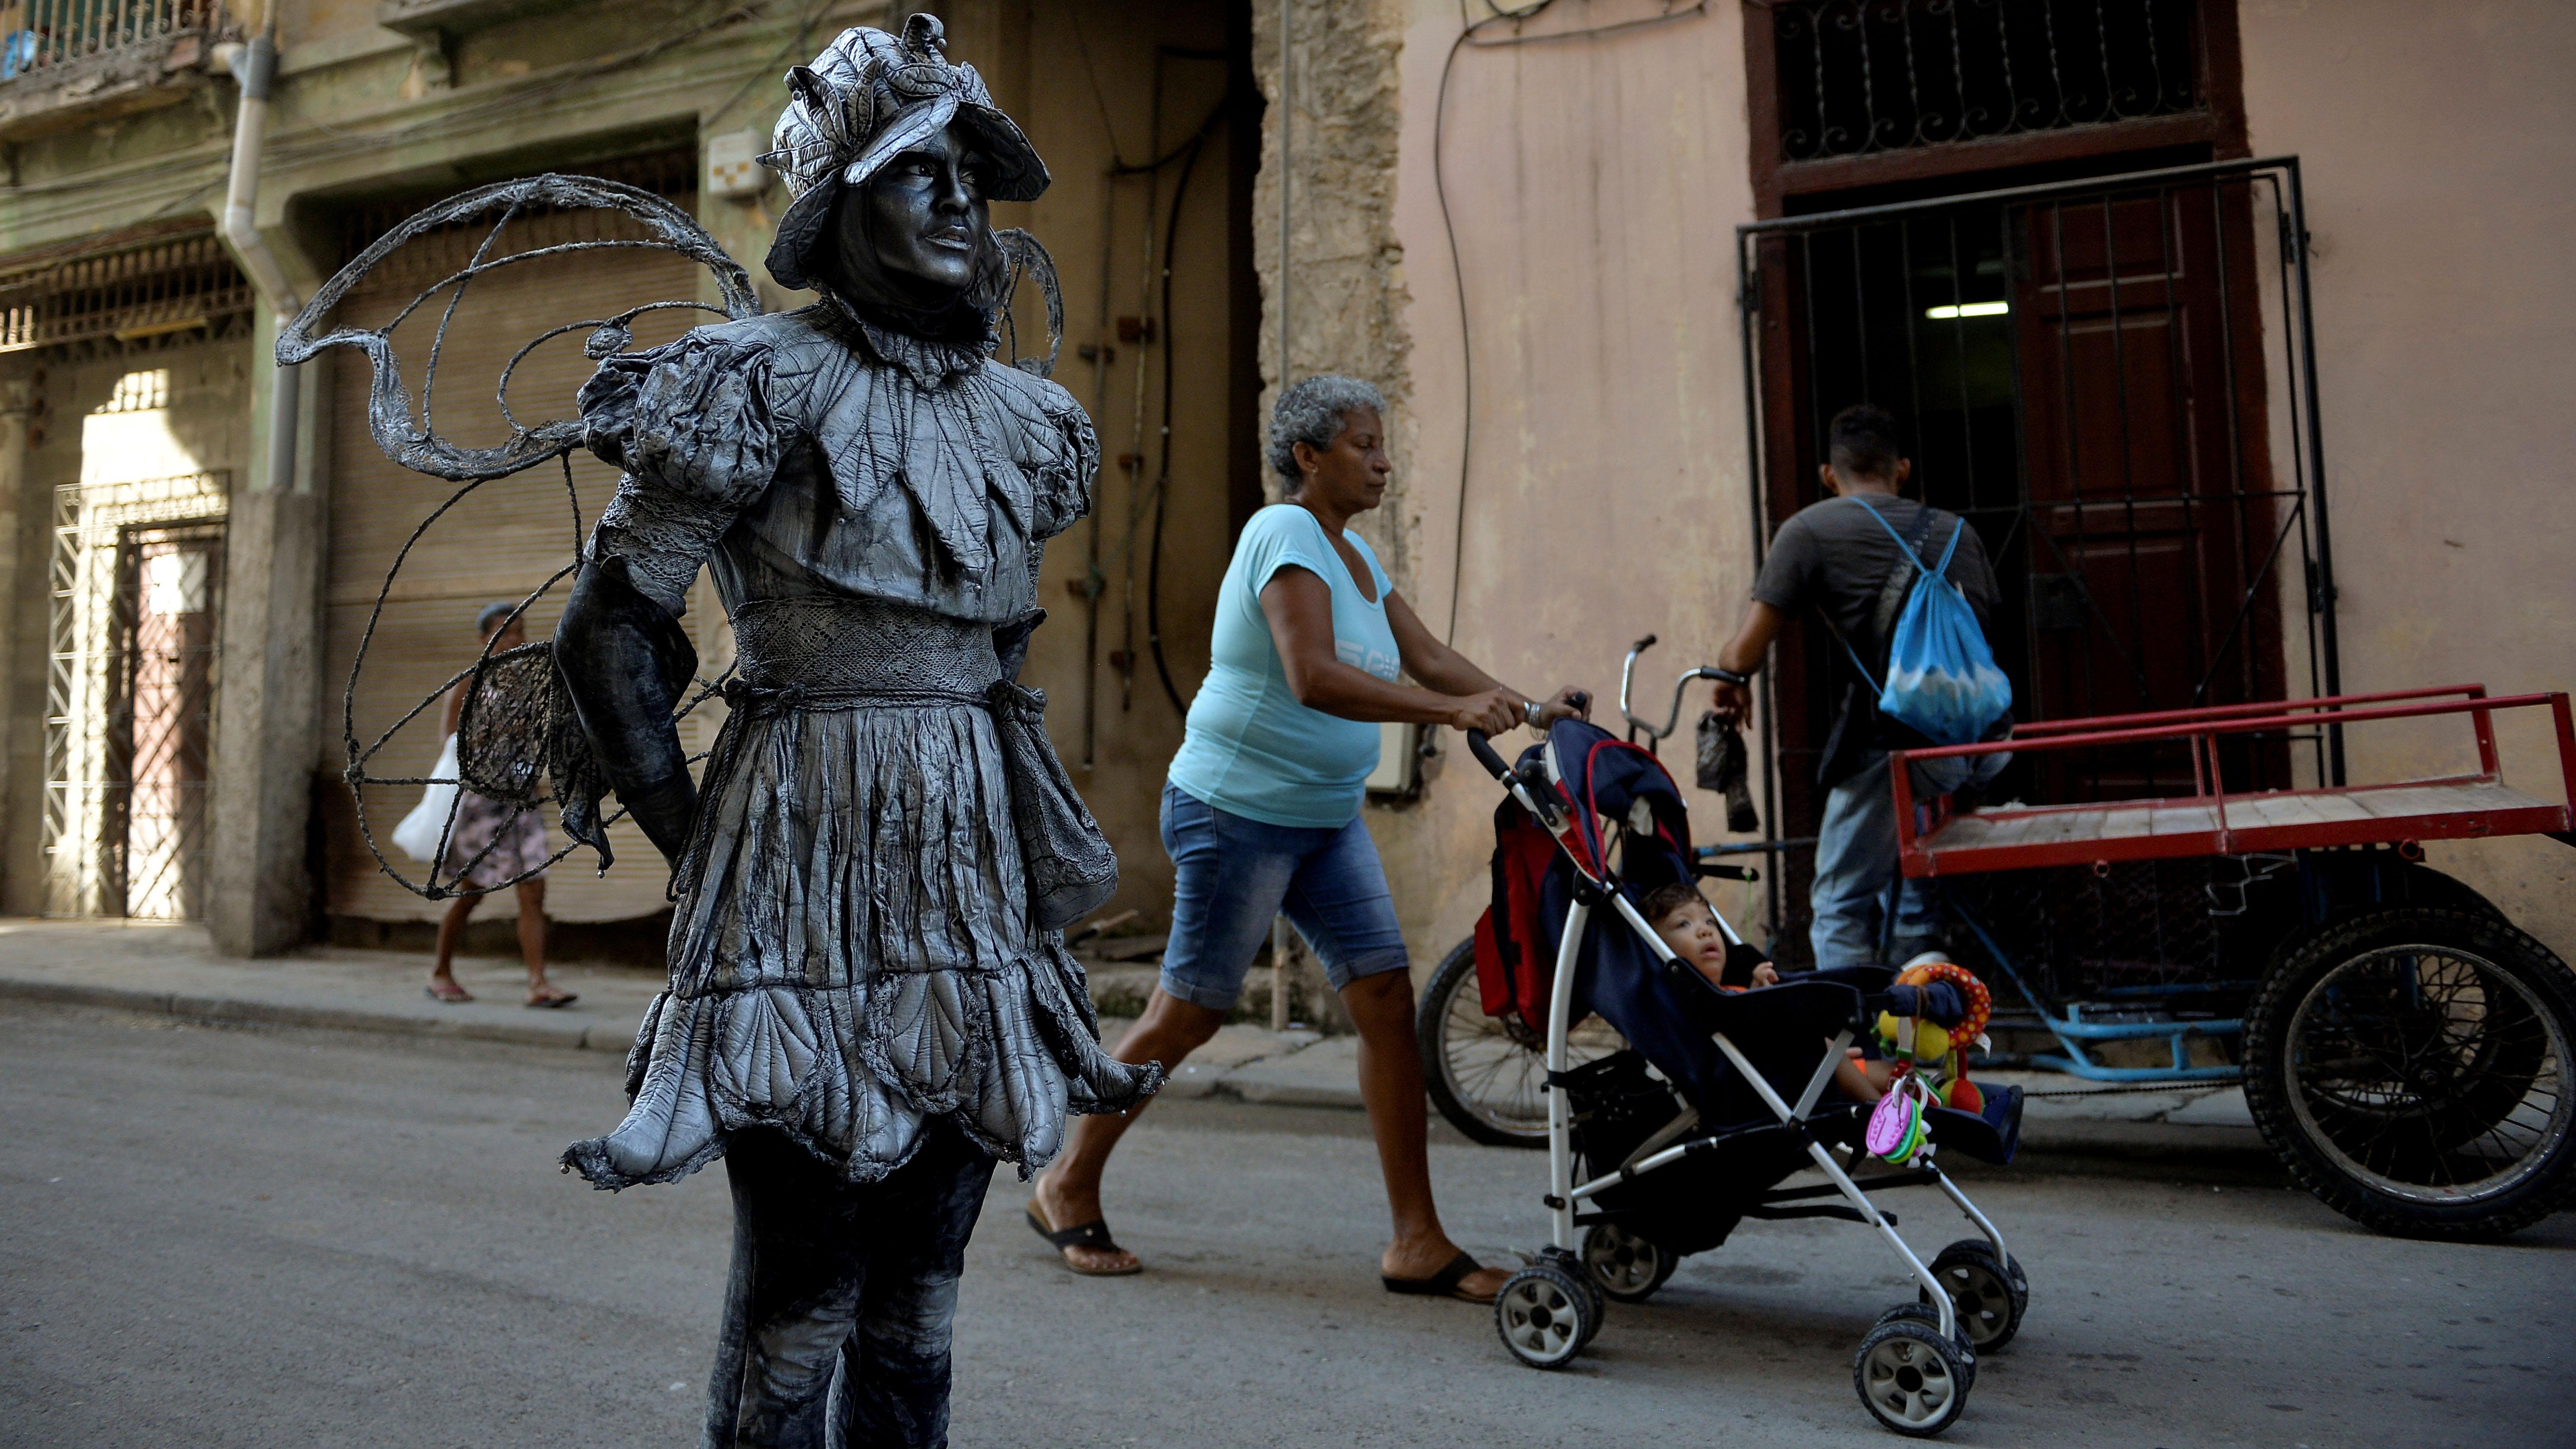 Cuba conmemora el 500 aniversario de La Habana